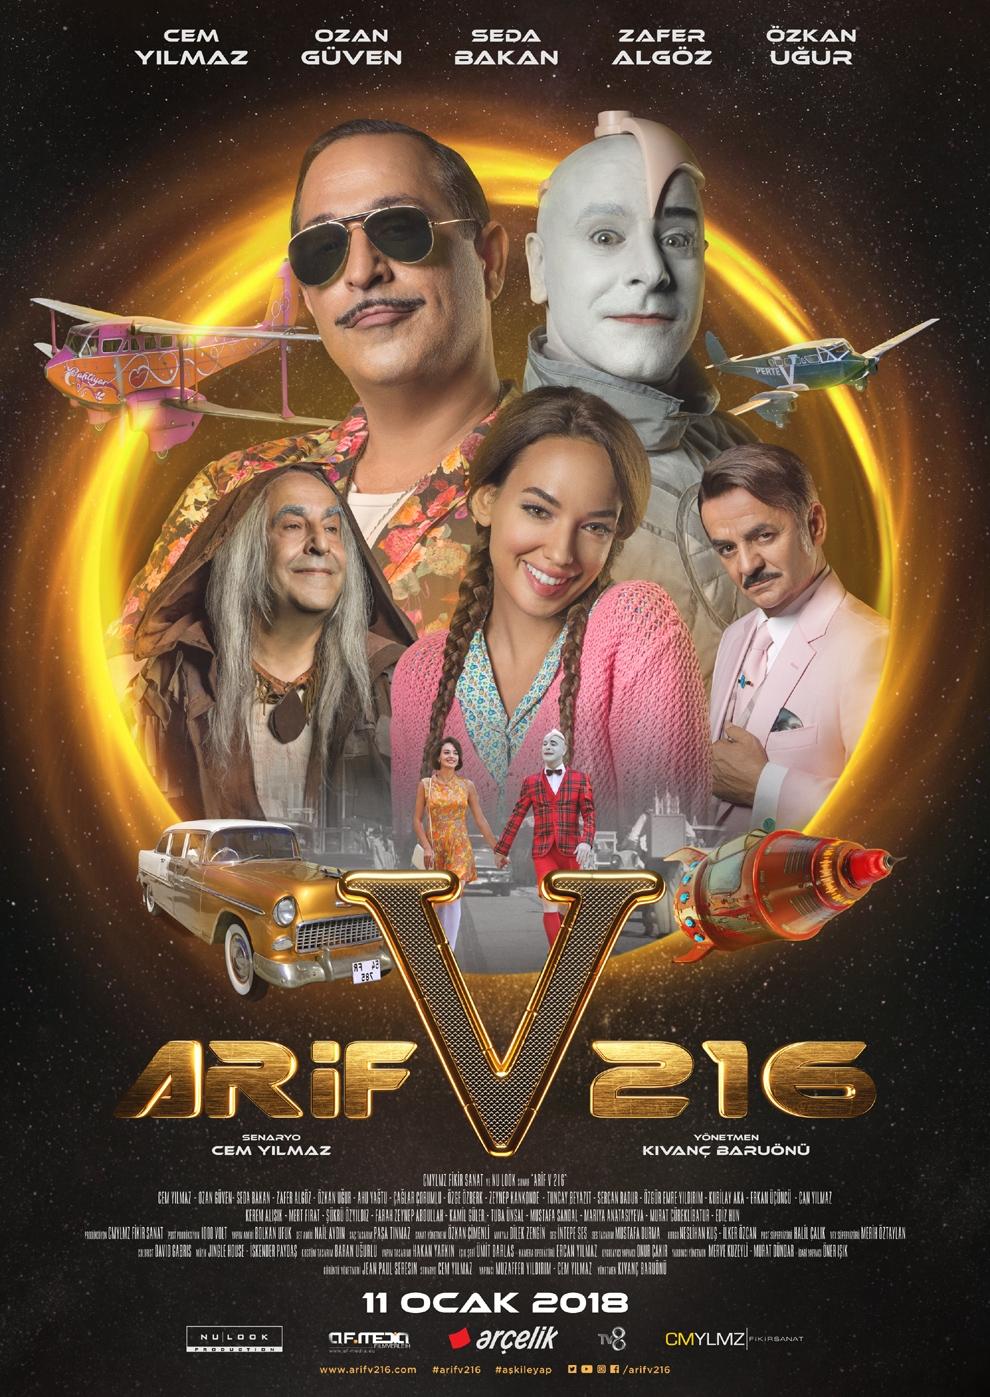 Arif v 216 (Poster)